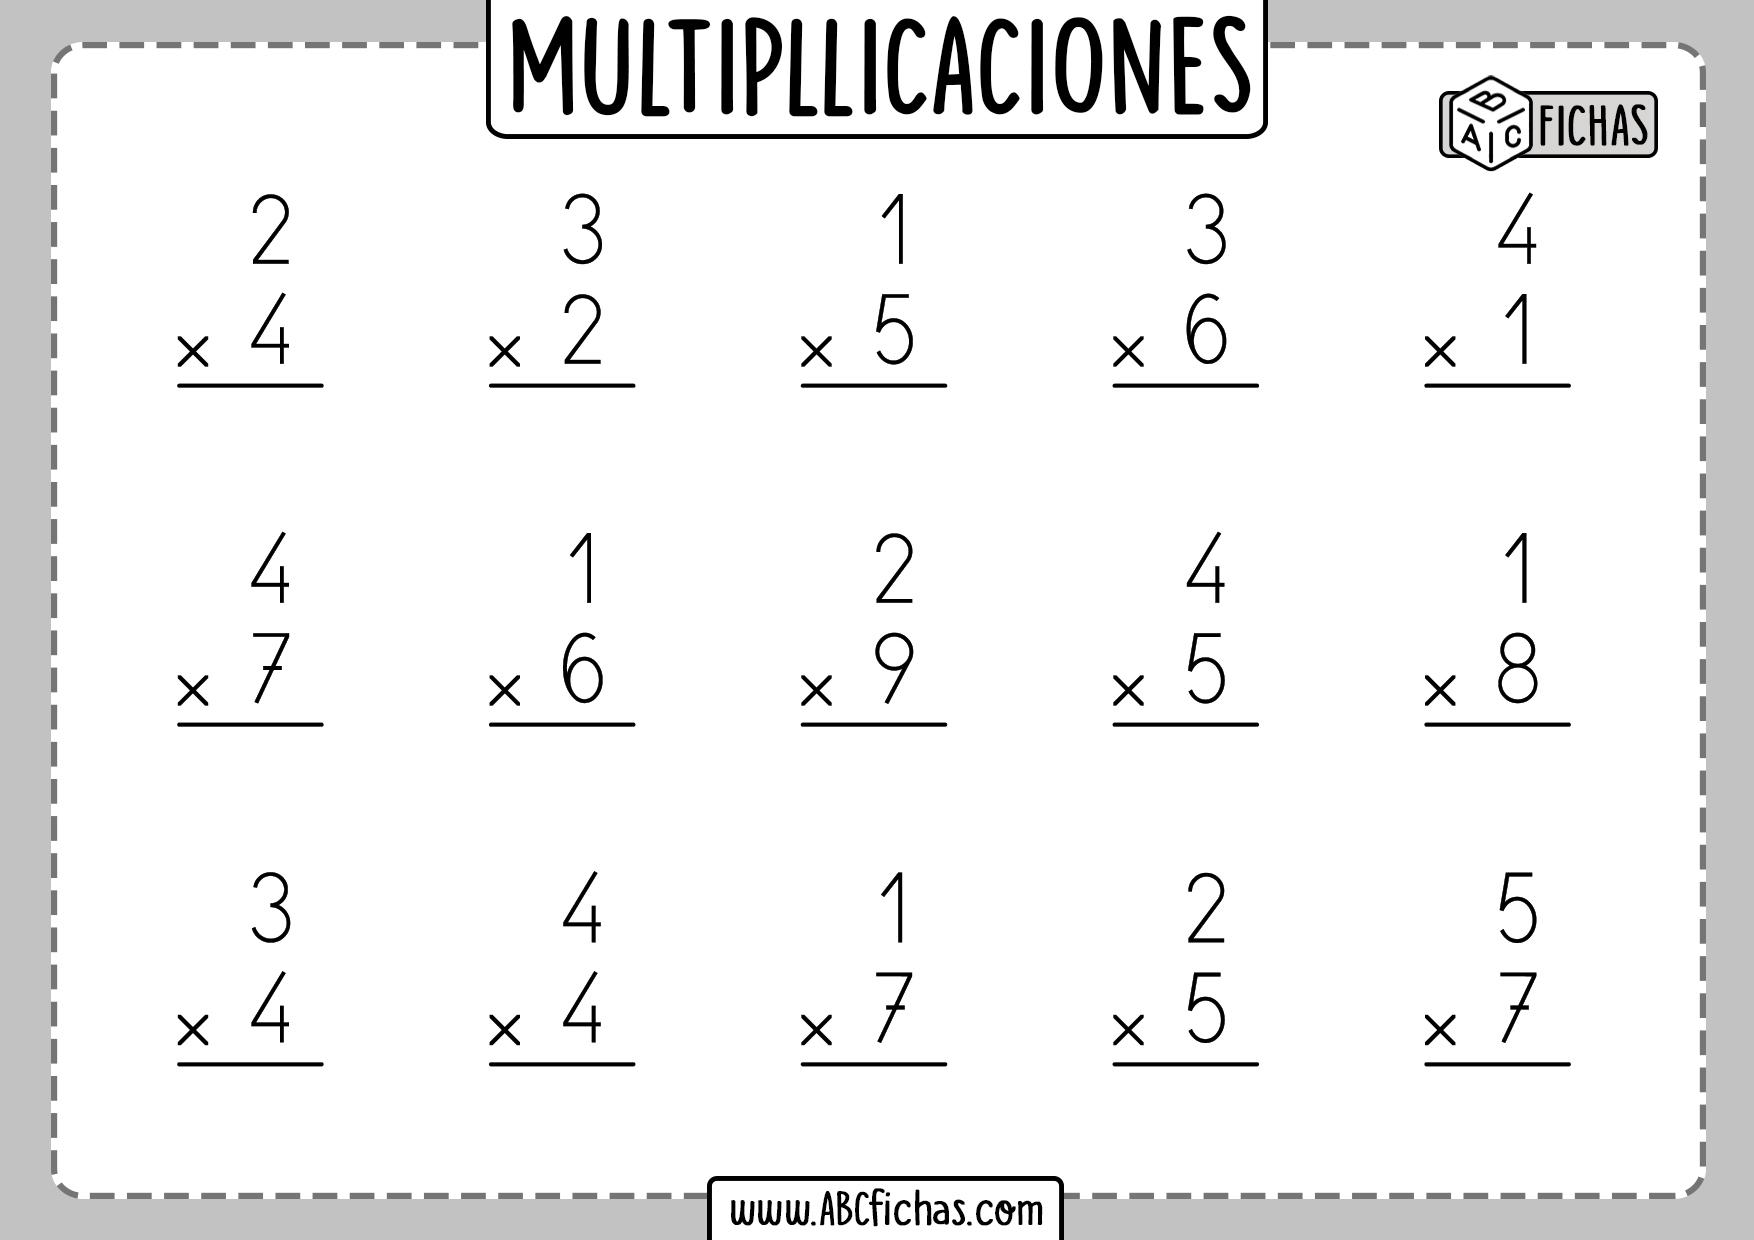 Multiplicaciones fichas para imprimir